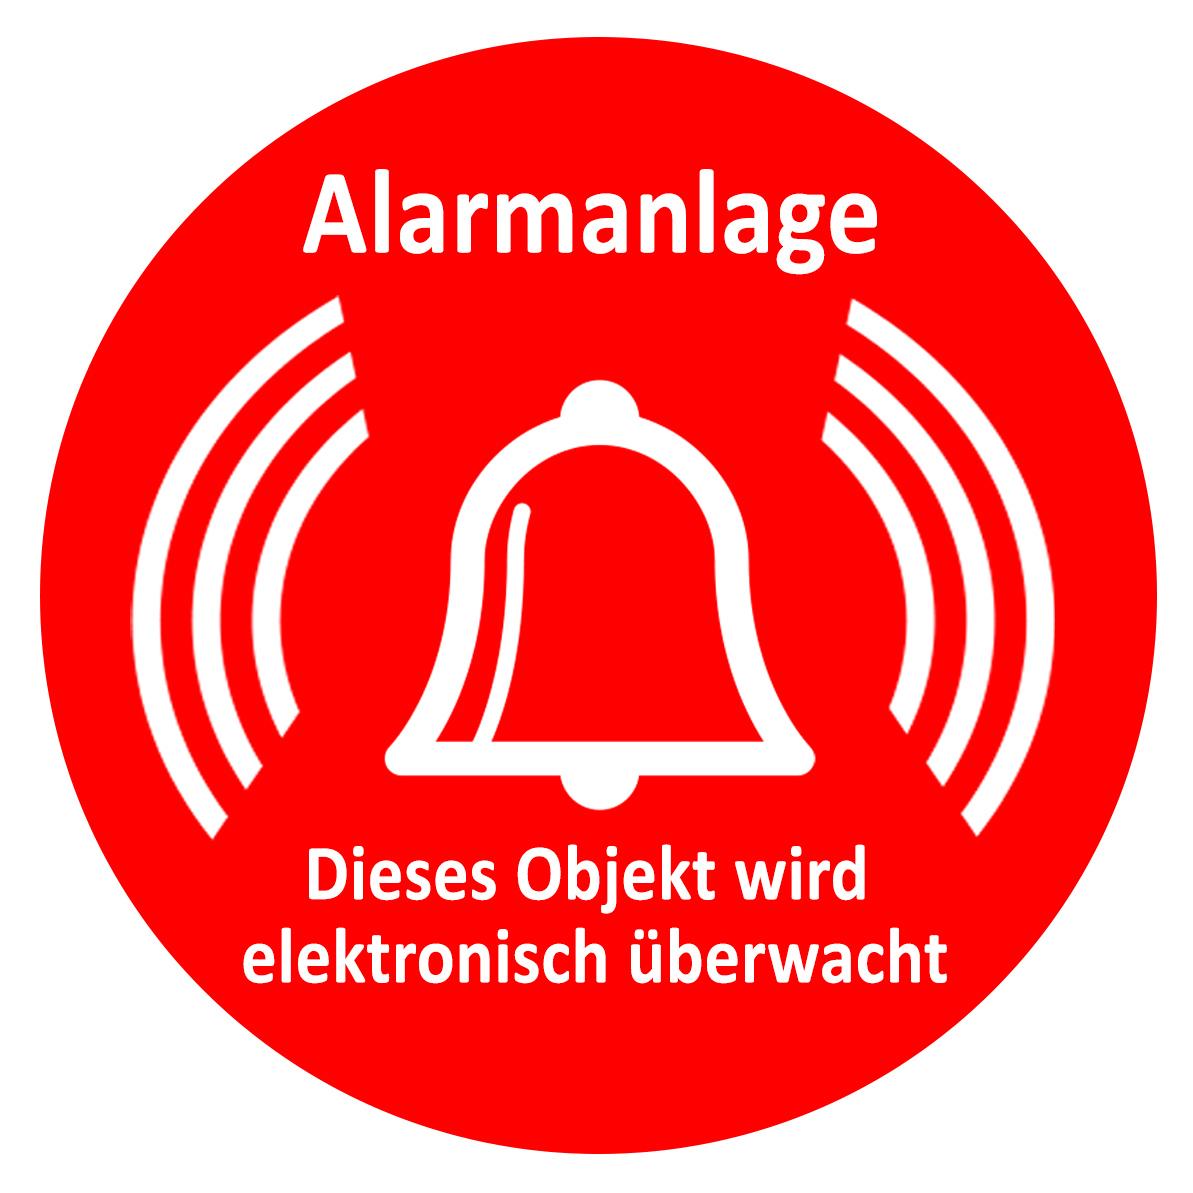 Türaufkleber / Fensteraufkleber - Alarmanlage rund rot